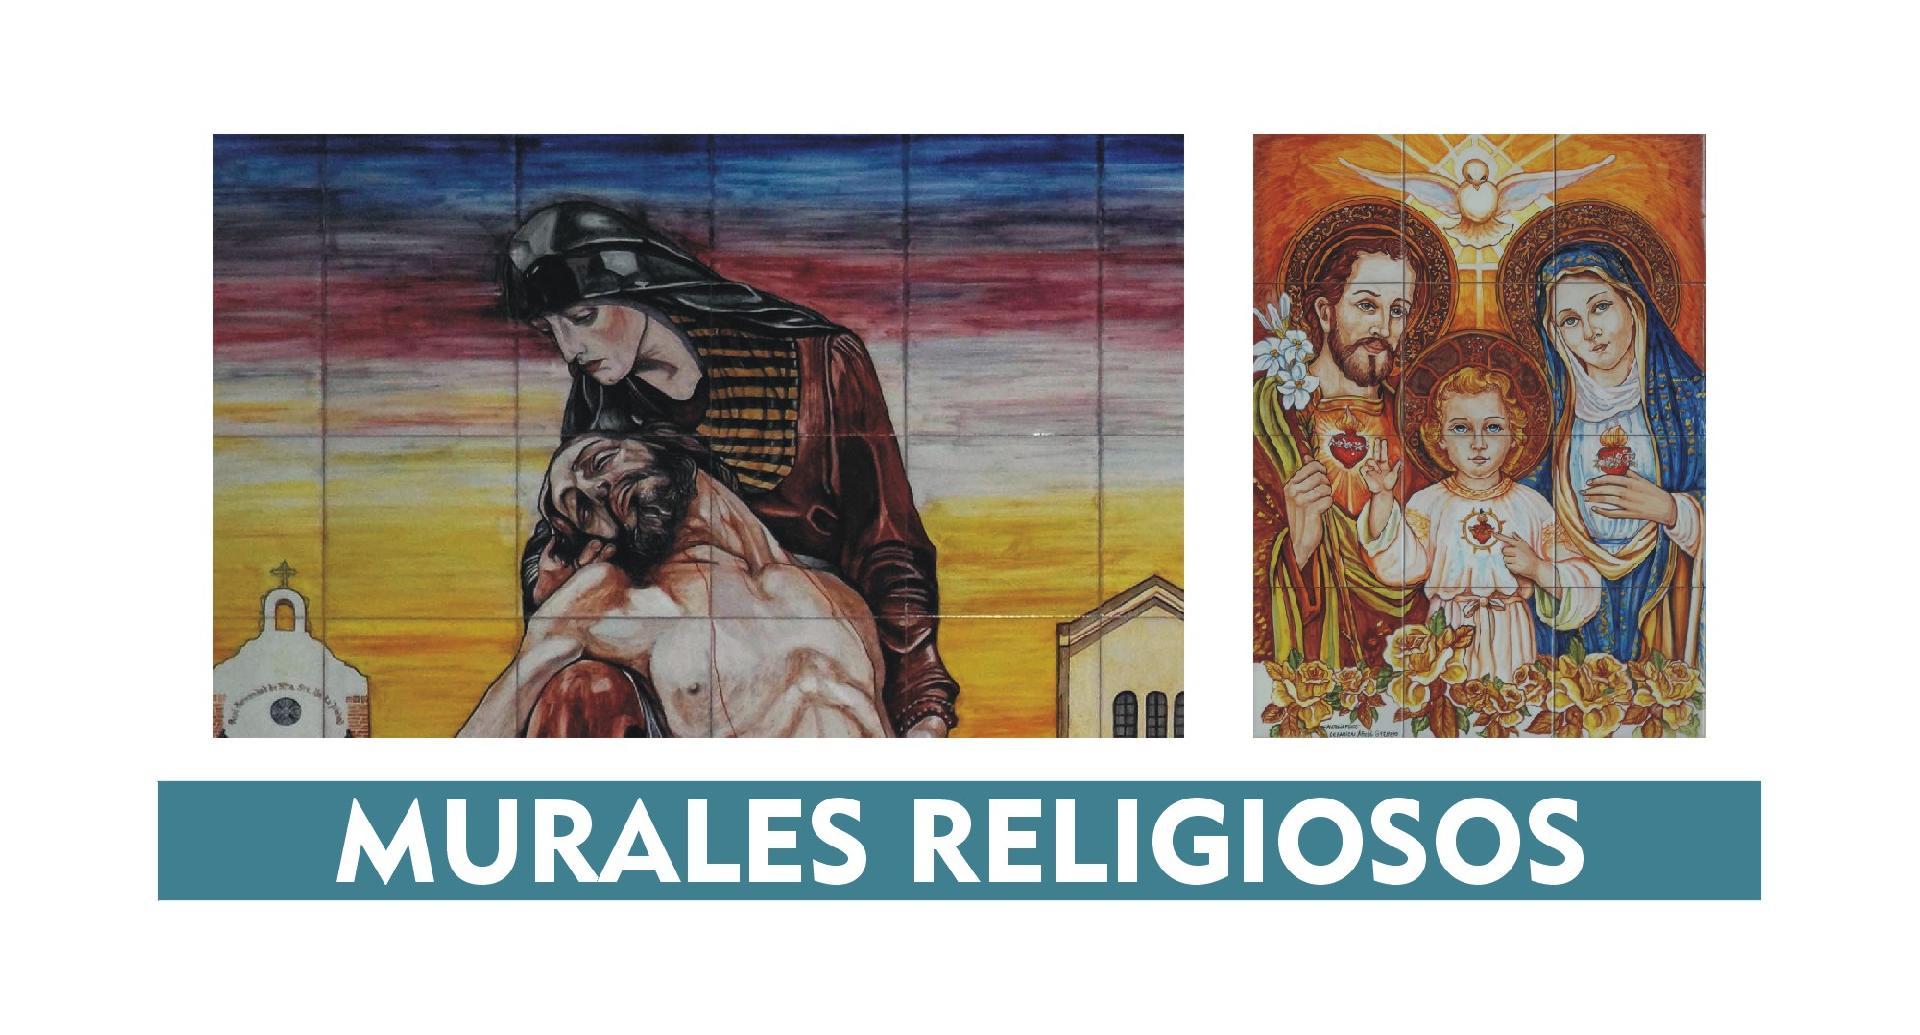 MURALES RELIGIOSOS vírgen y cristo